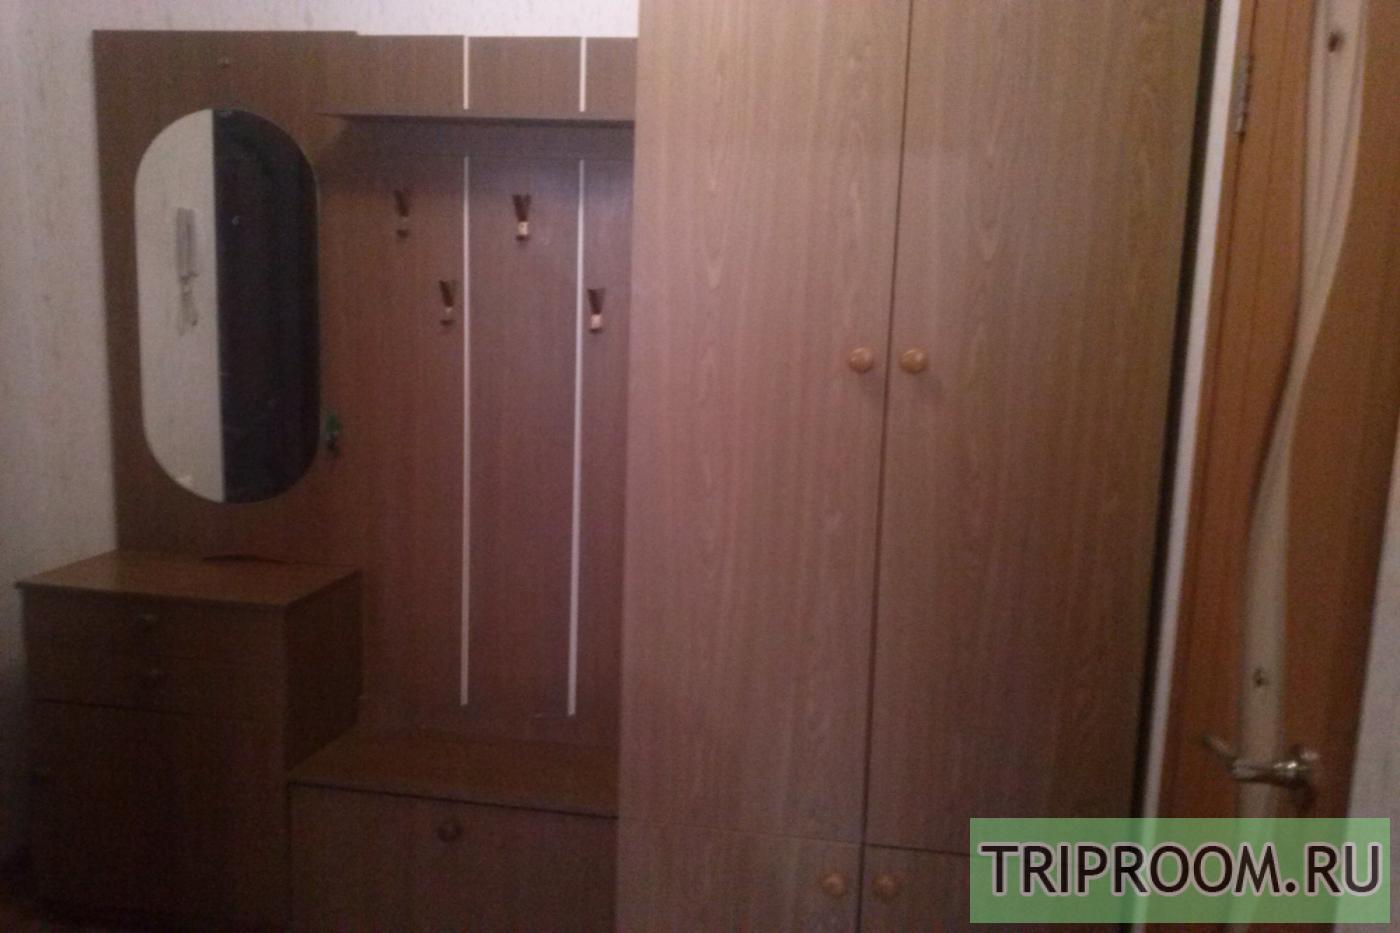 1-комнатная квартира посуточно (вариант № 10561), ул. Вольская улица, фото № 10